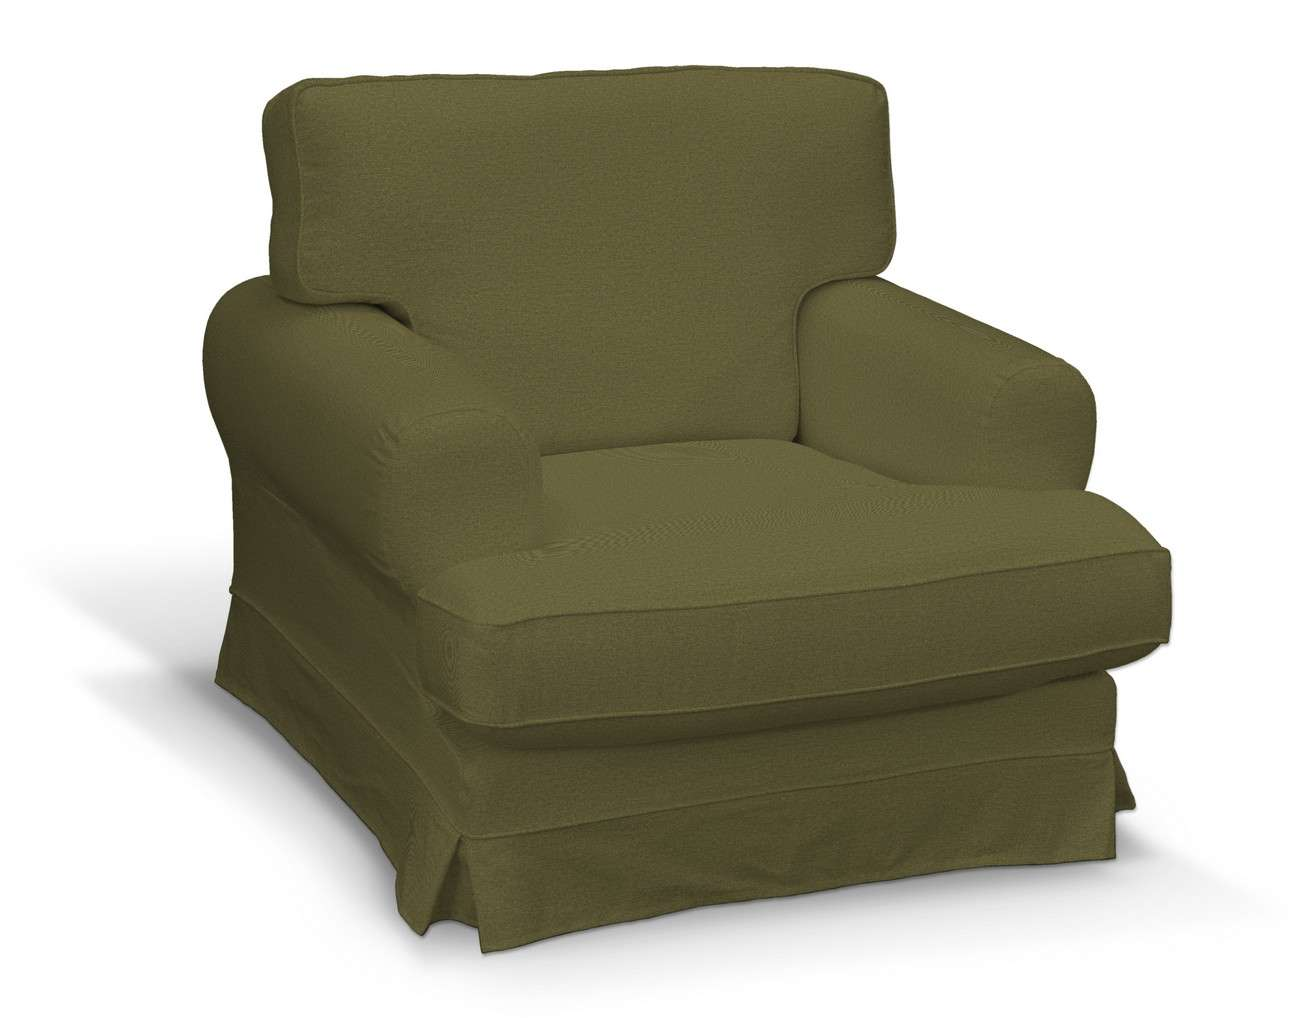 Pokrowiec na fotel Ekeskog w kolekcji Etna, tkanina: 161-26